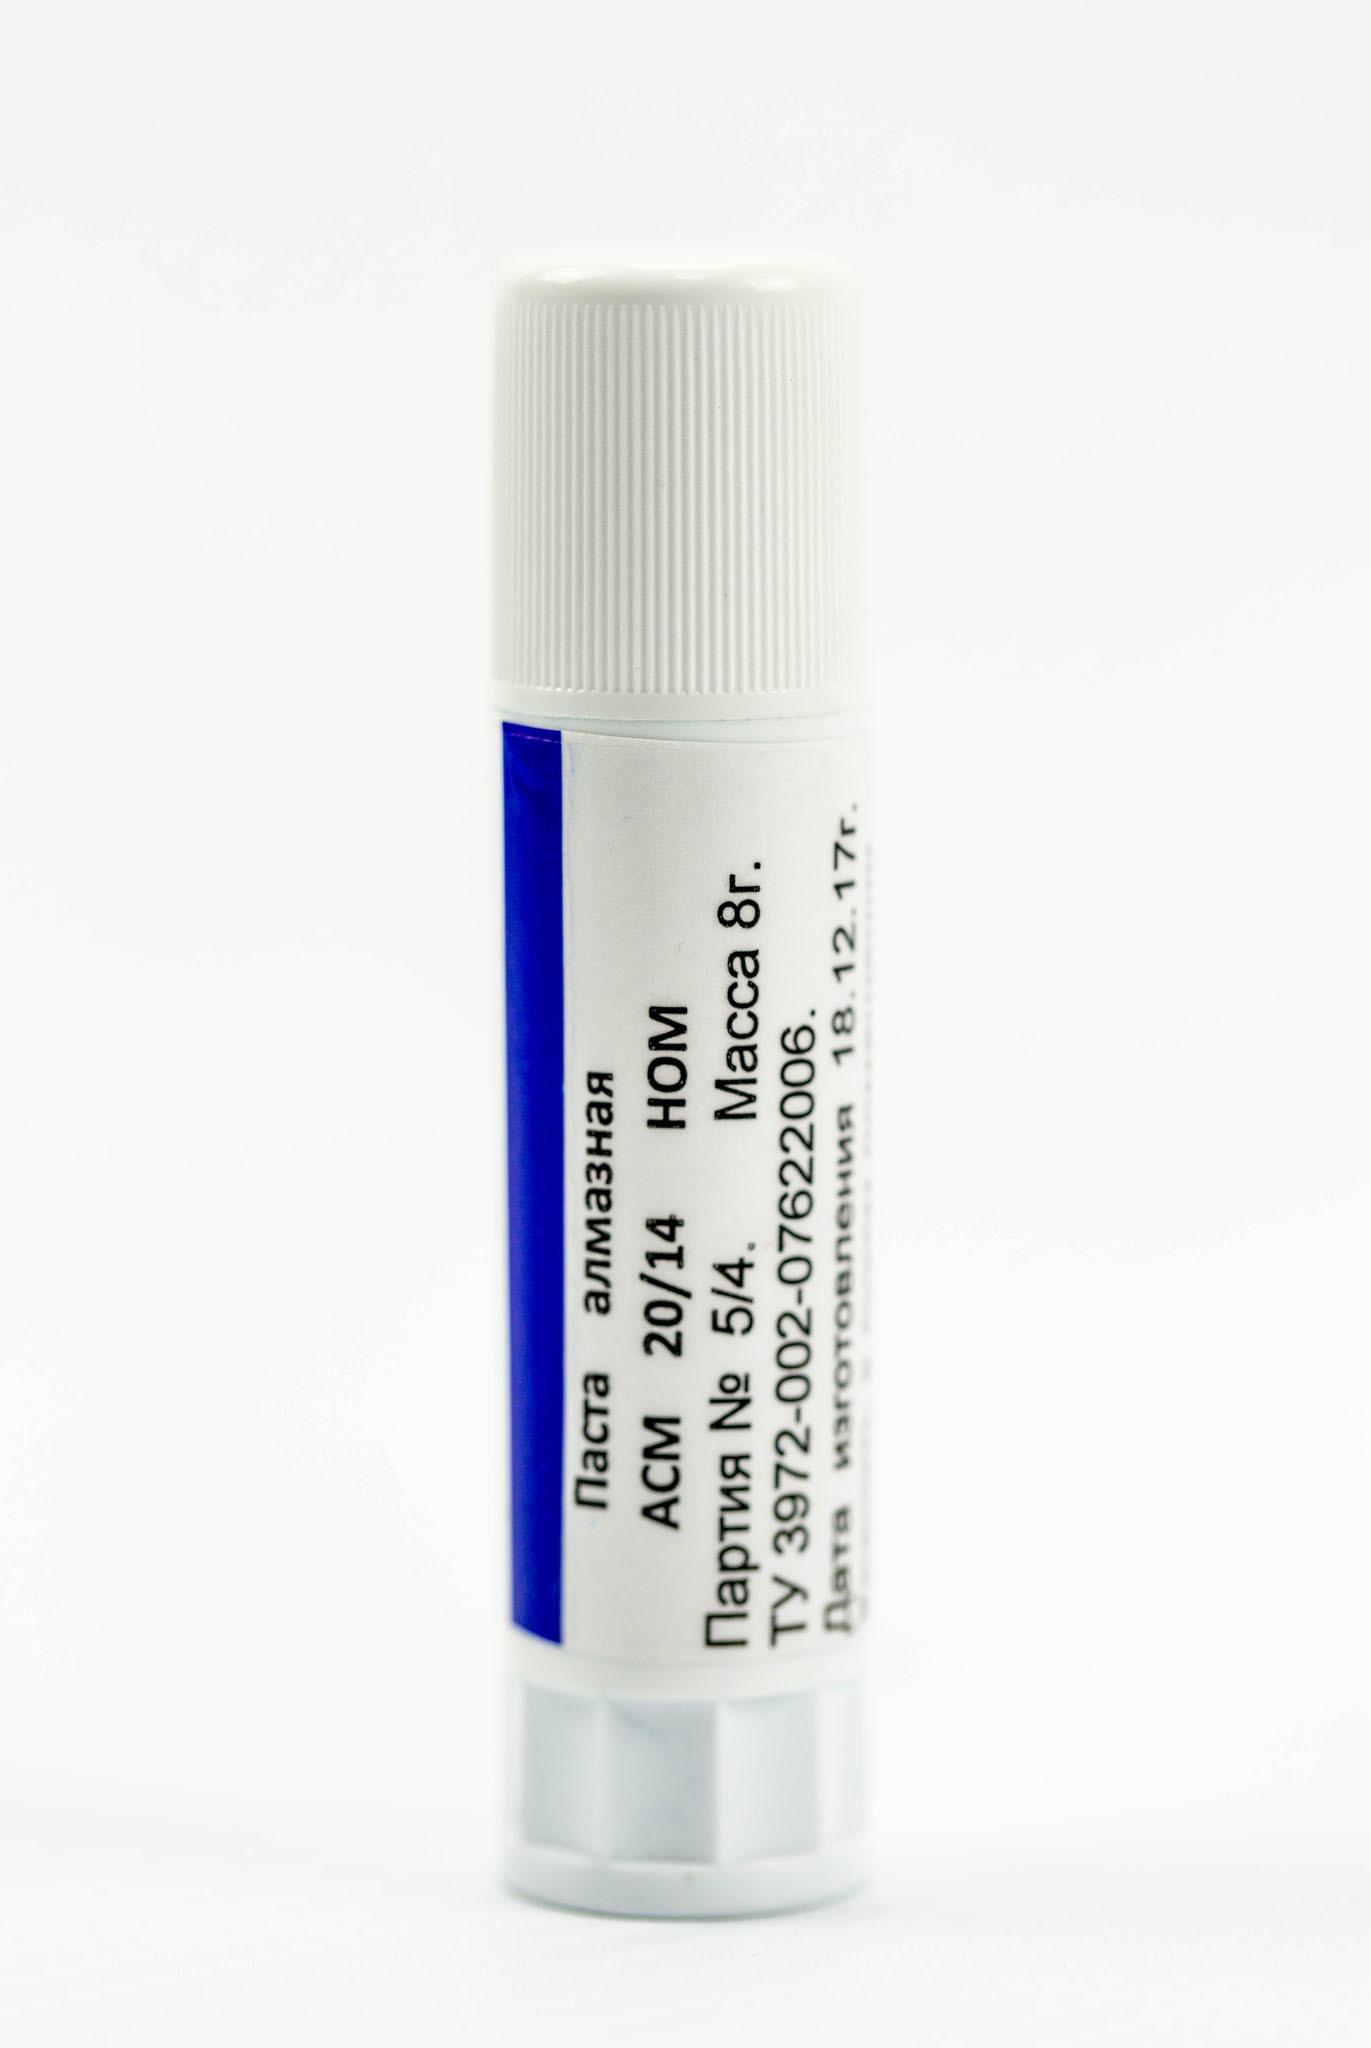 Алмазная паста HOM ACM 20/14, 8 гр. от Веневский  завод алмазных инструментов